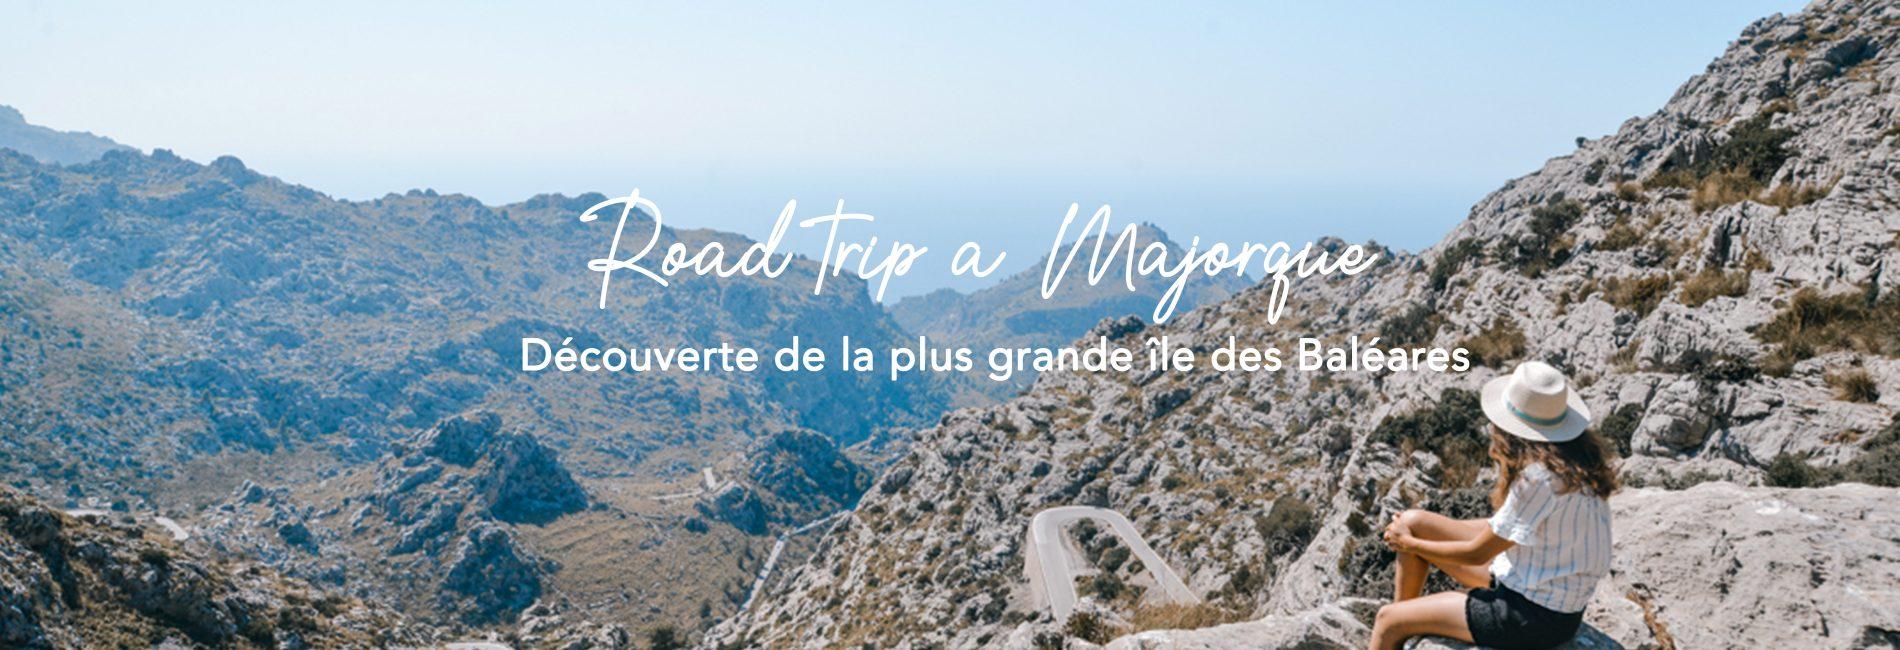 Road trip à Majorque : 5 jours